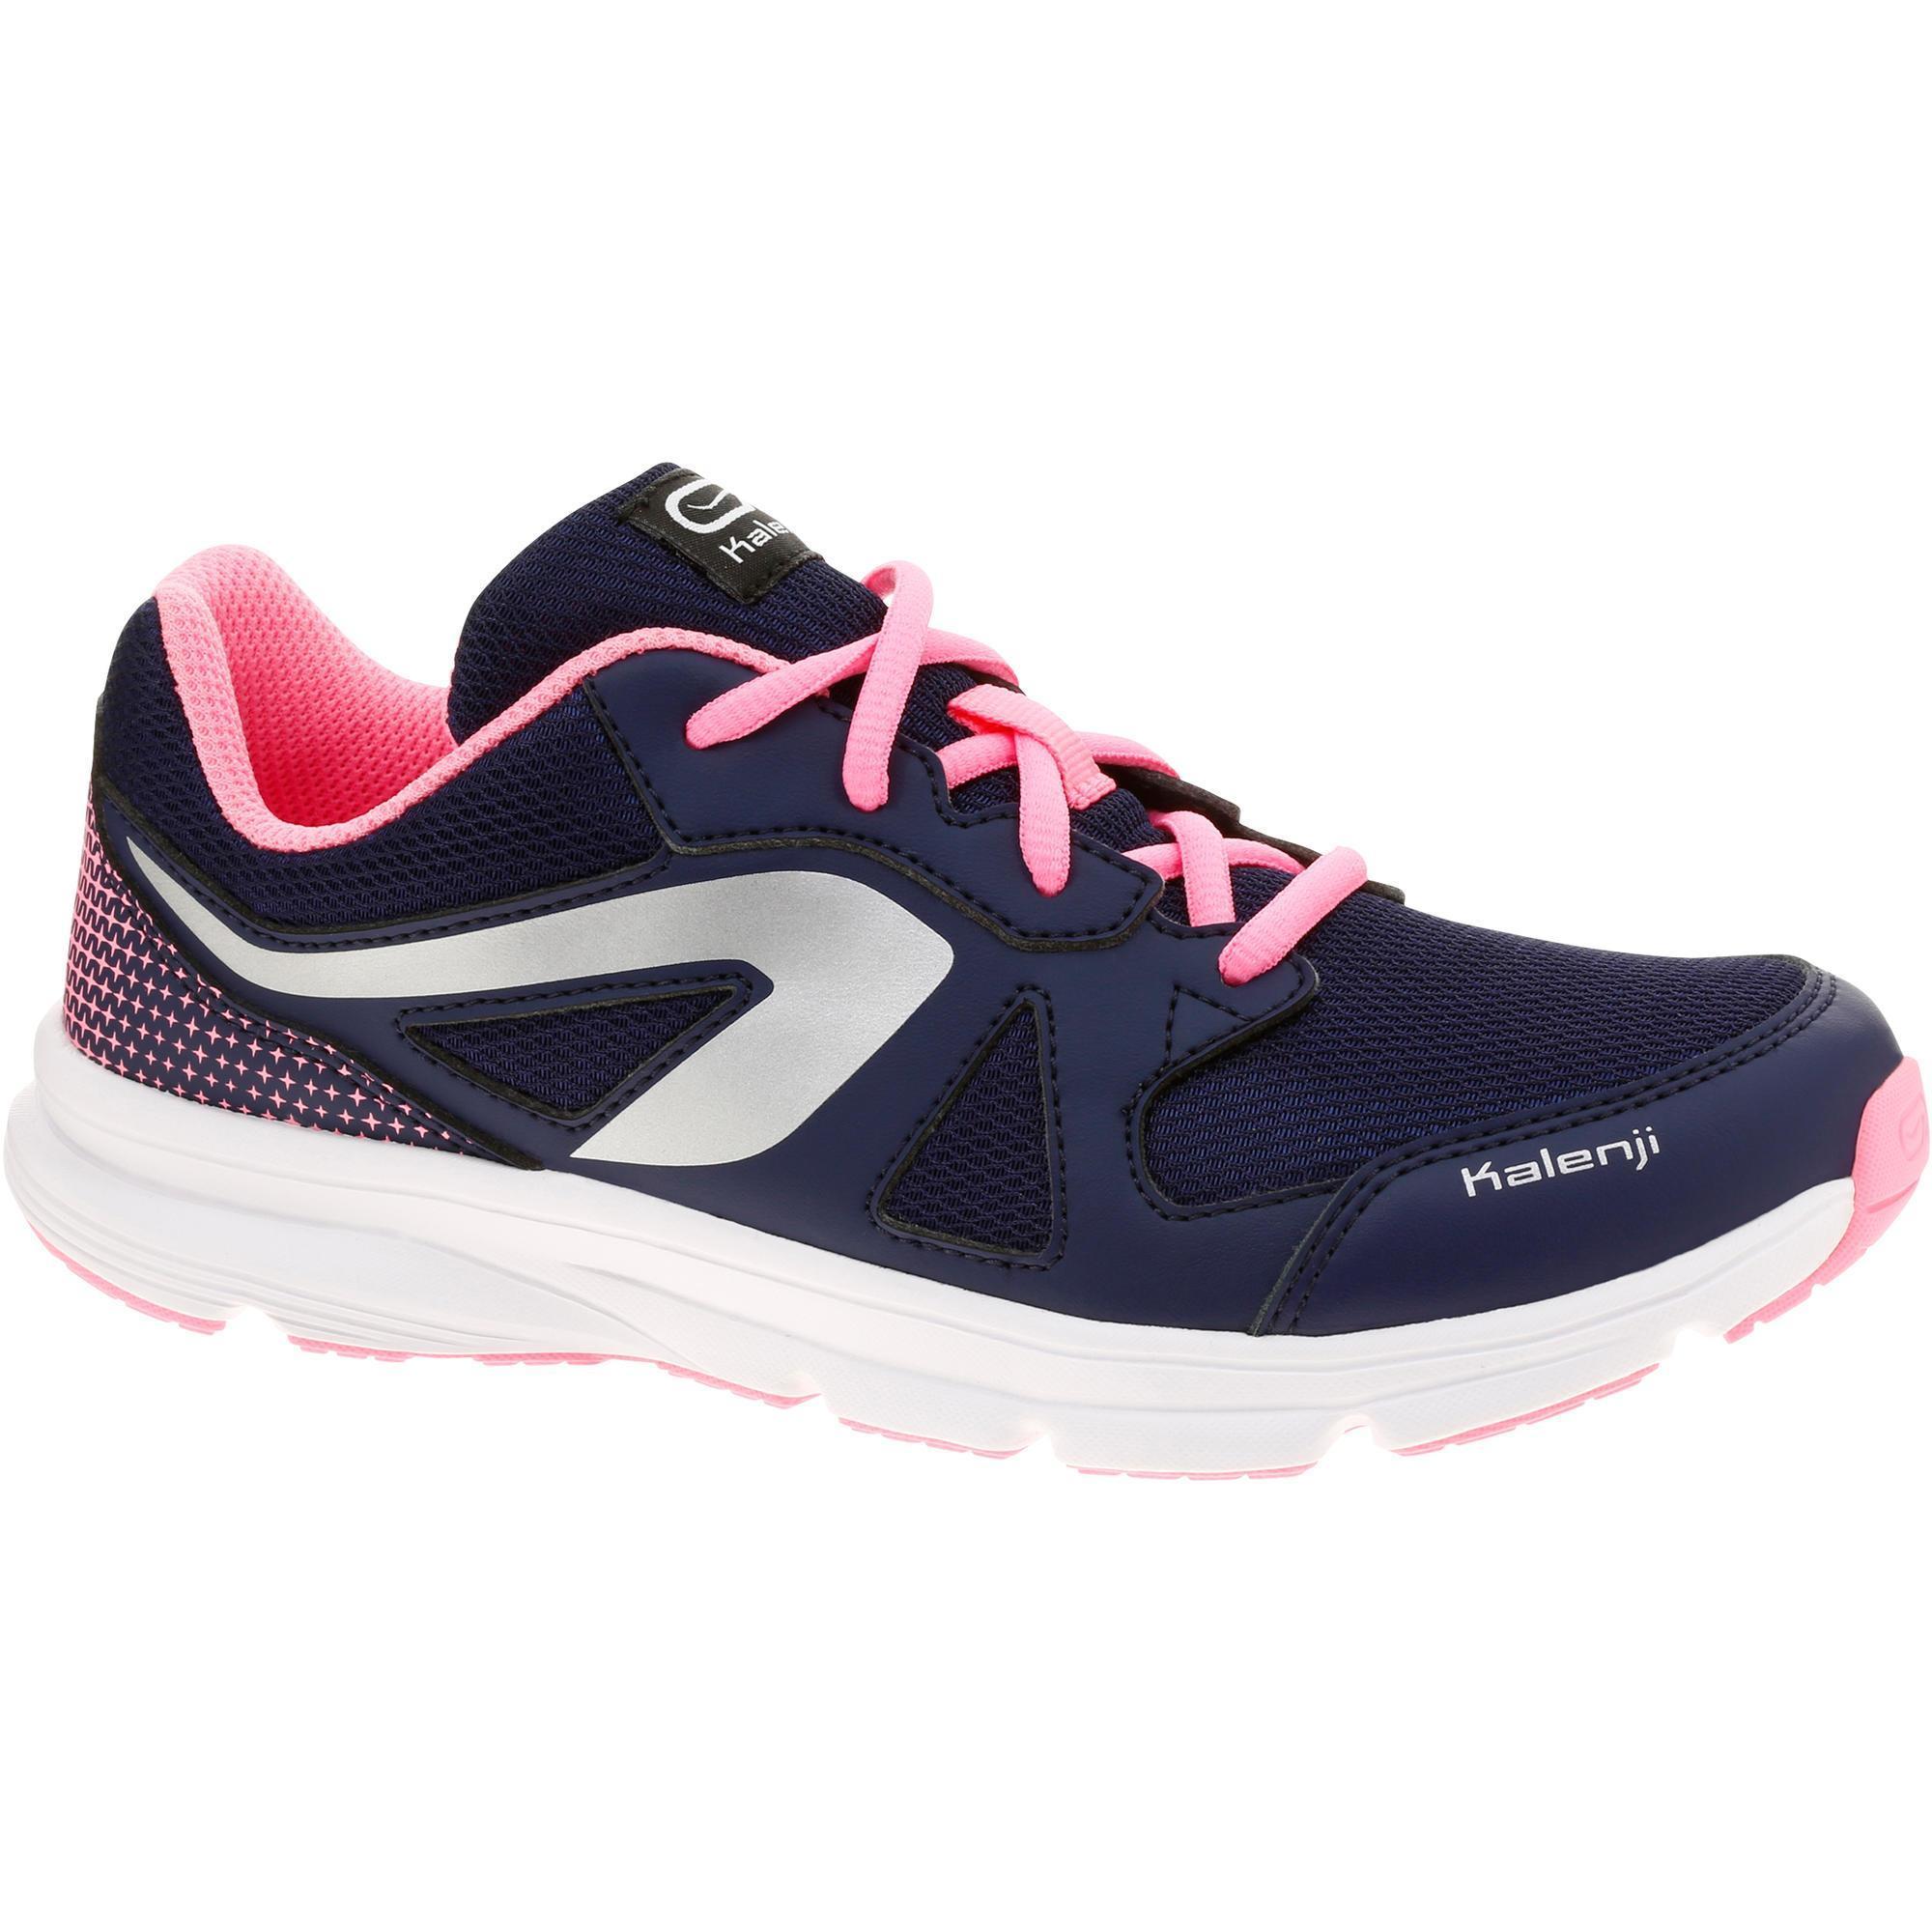 55958d5450c Kalenji Loopschoenen met veters Ekiden Active voor kinderen  marineblauw/roze 2309313 Hardlopen Kinderen Hardlopen